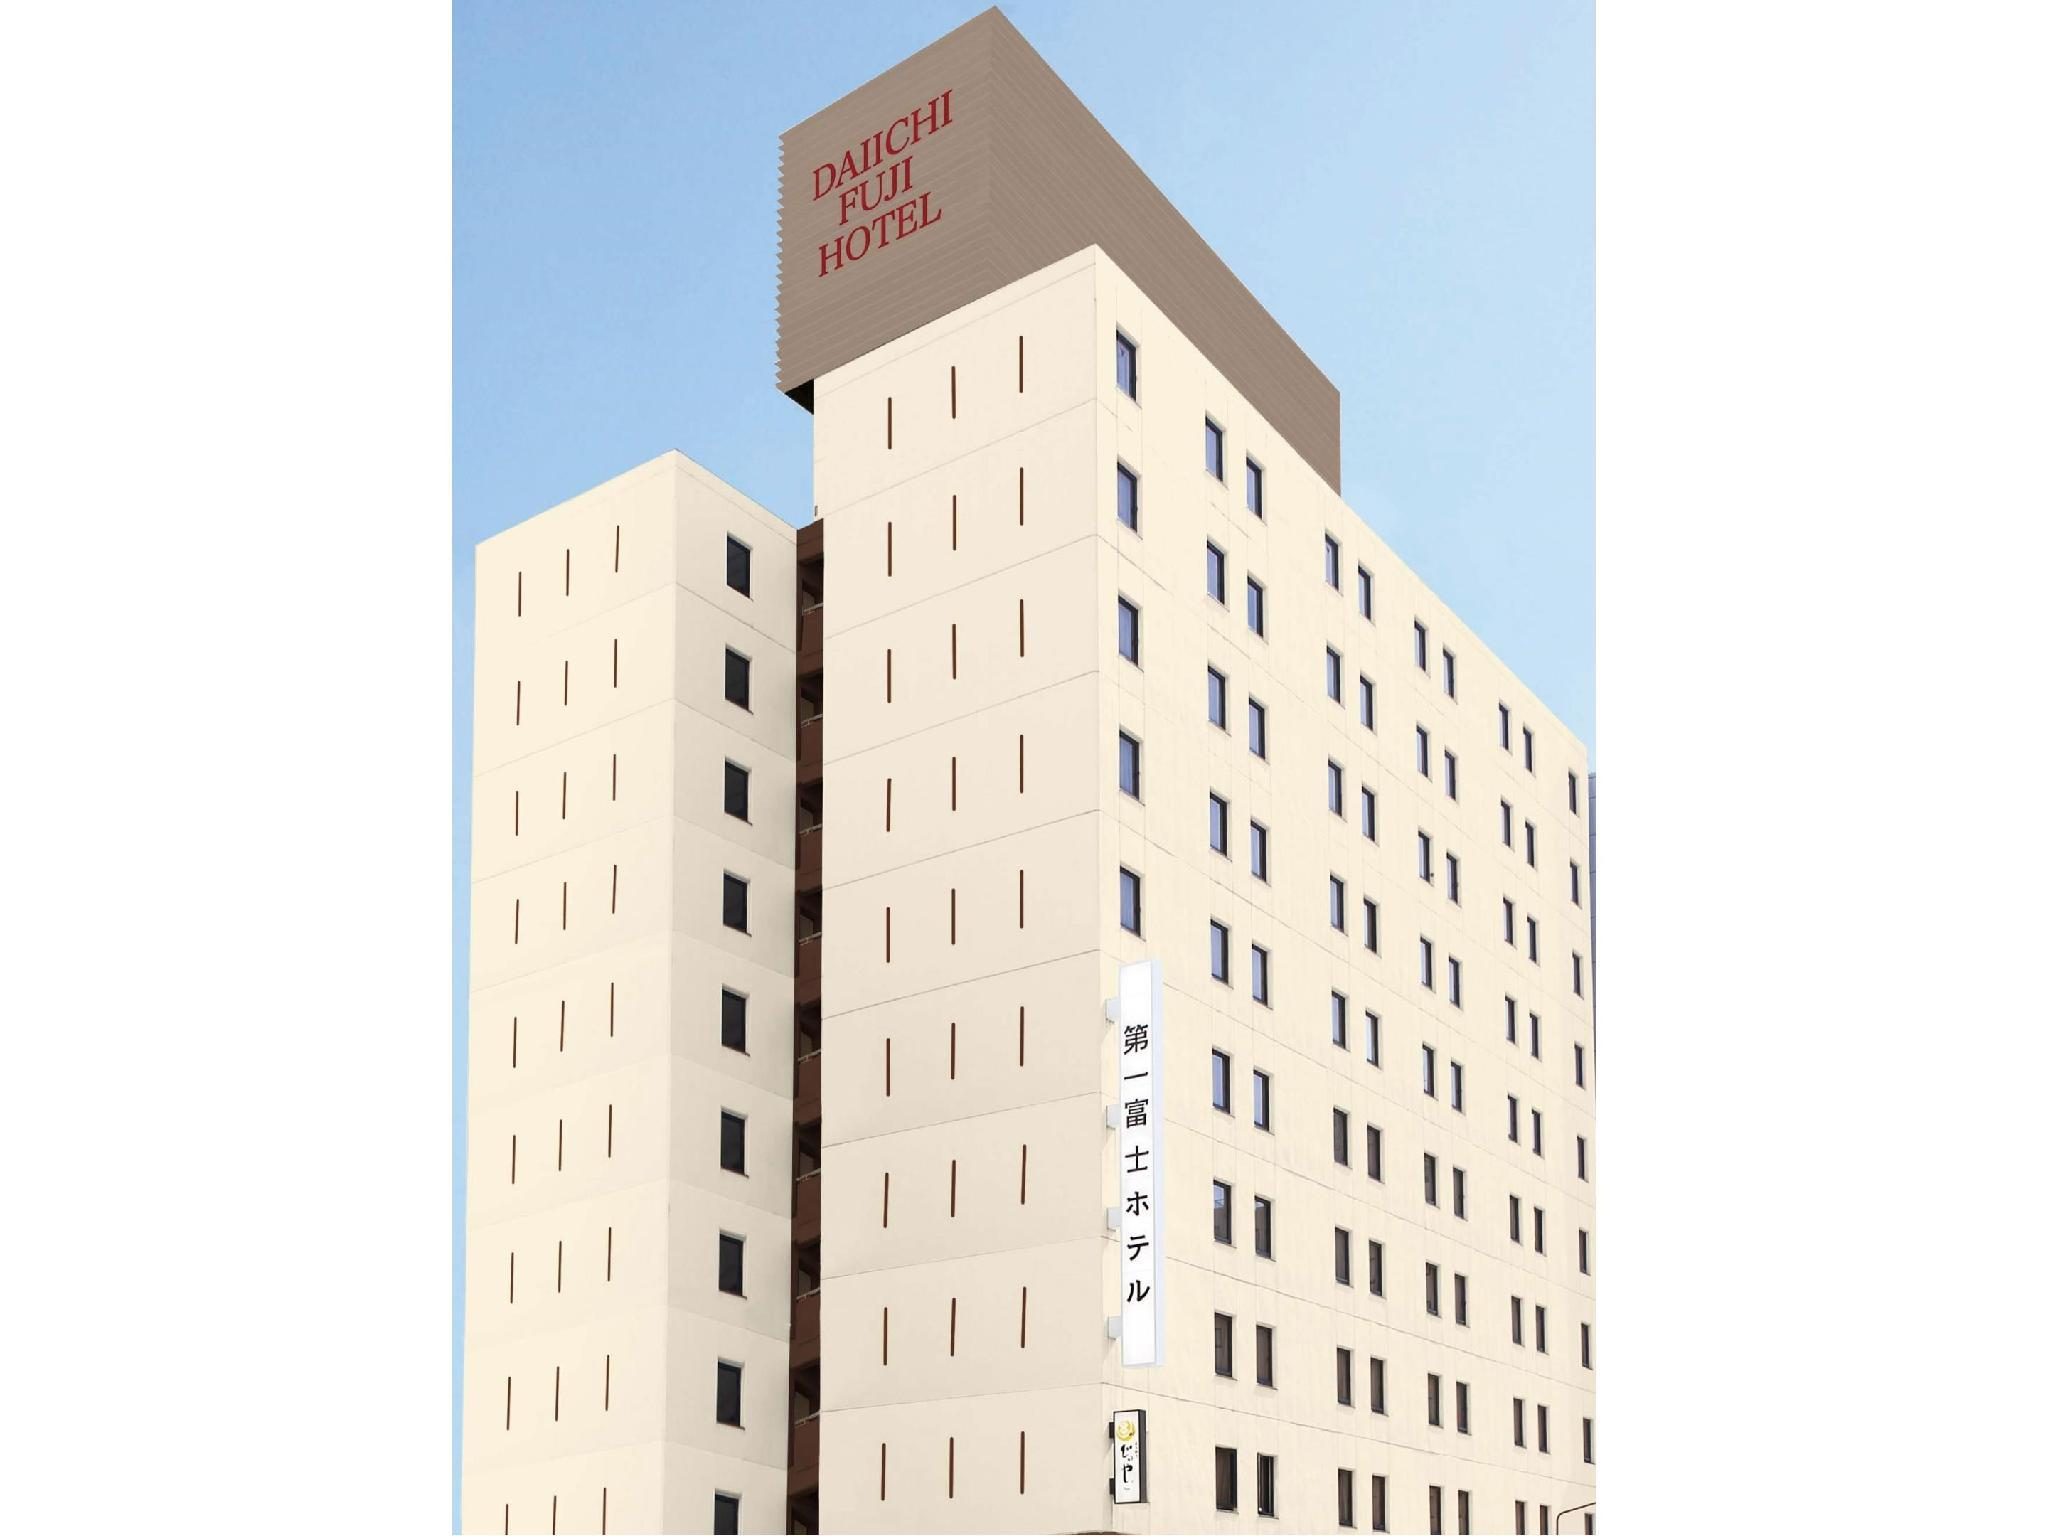 Daiichi Fuji Hotel